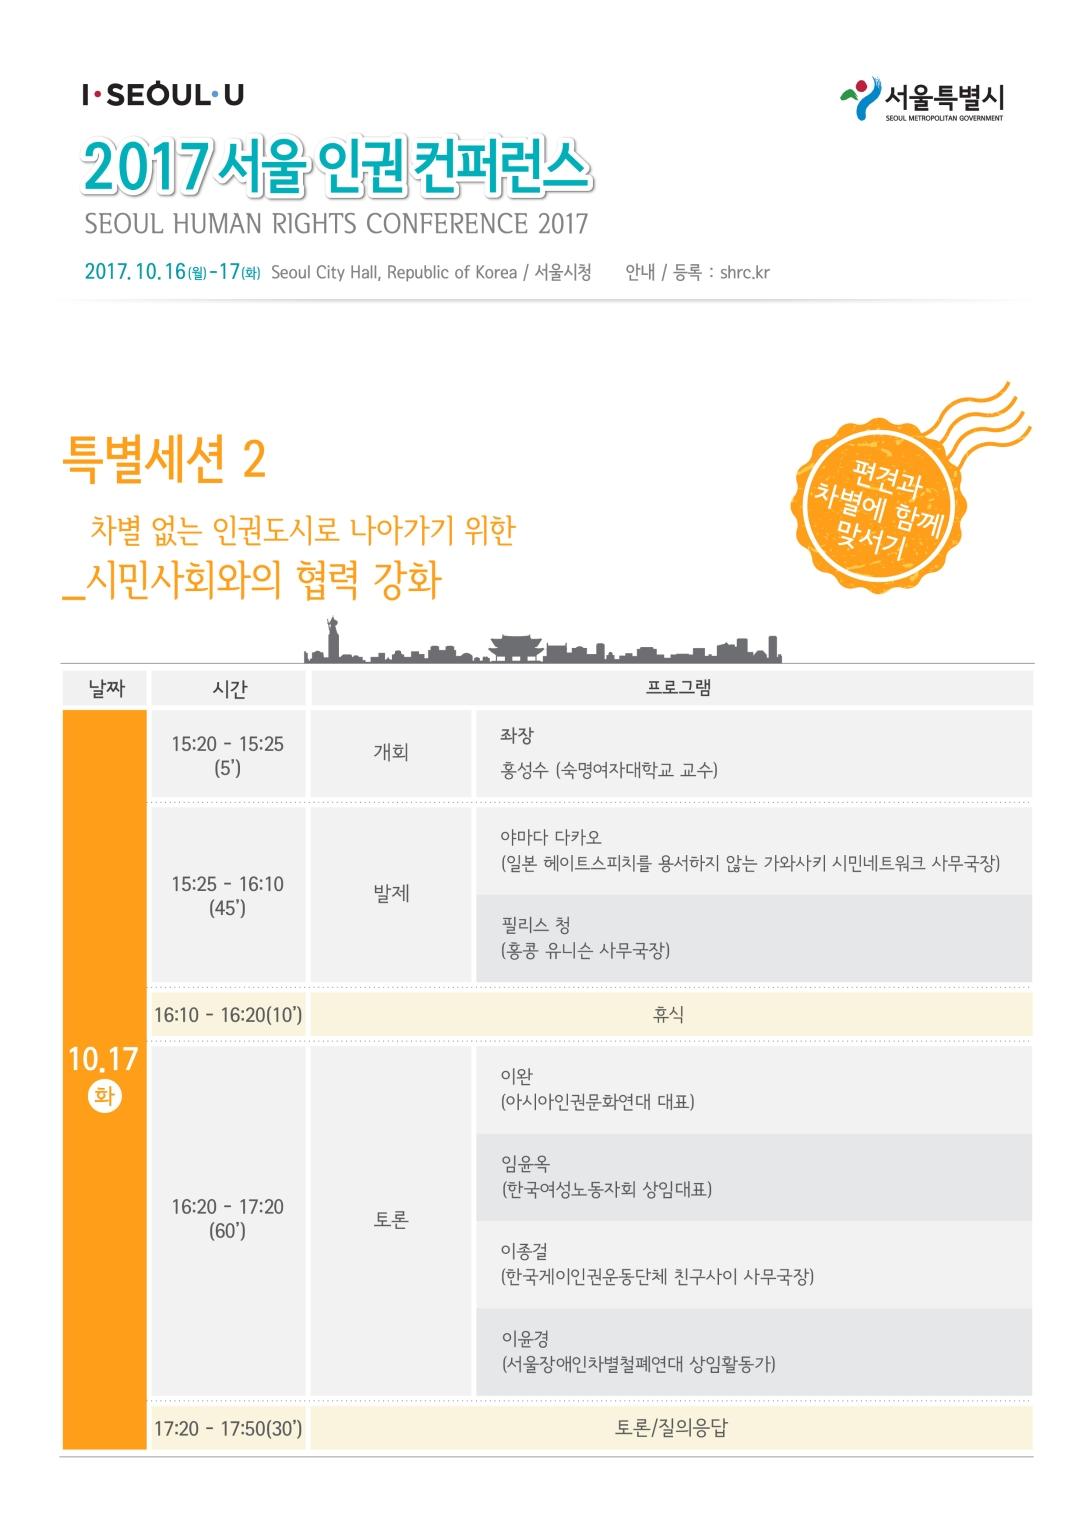 2017서울인권컨퍼런스 웹자보(특별세션2)